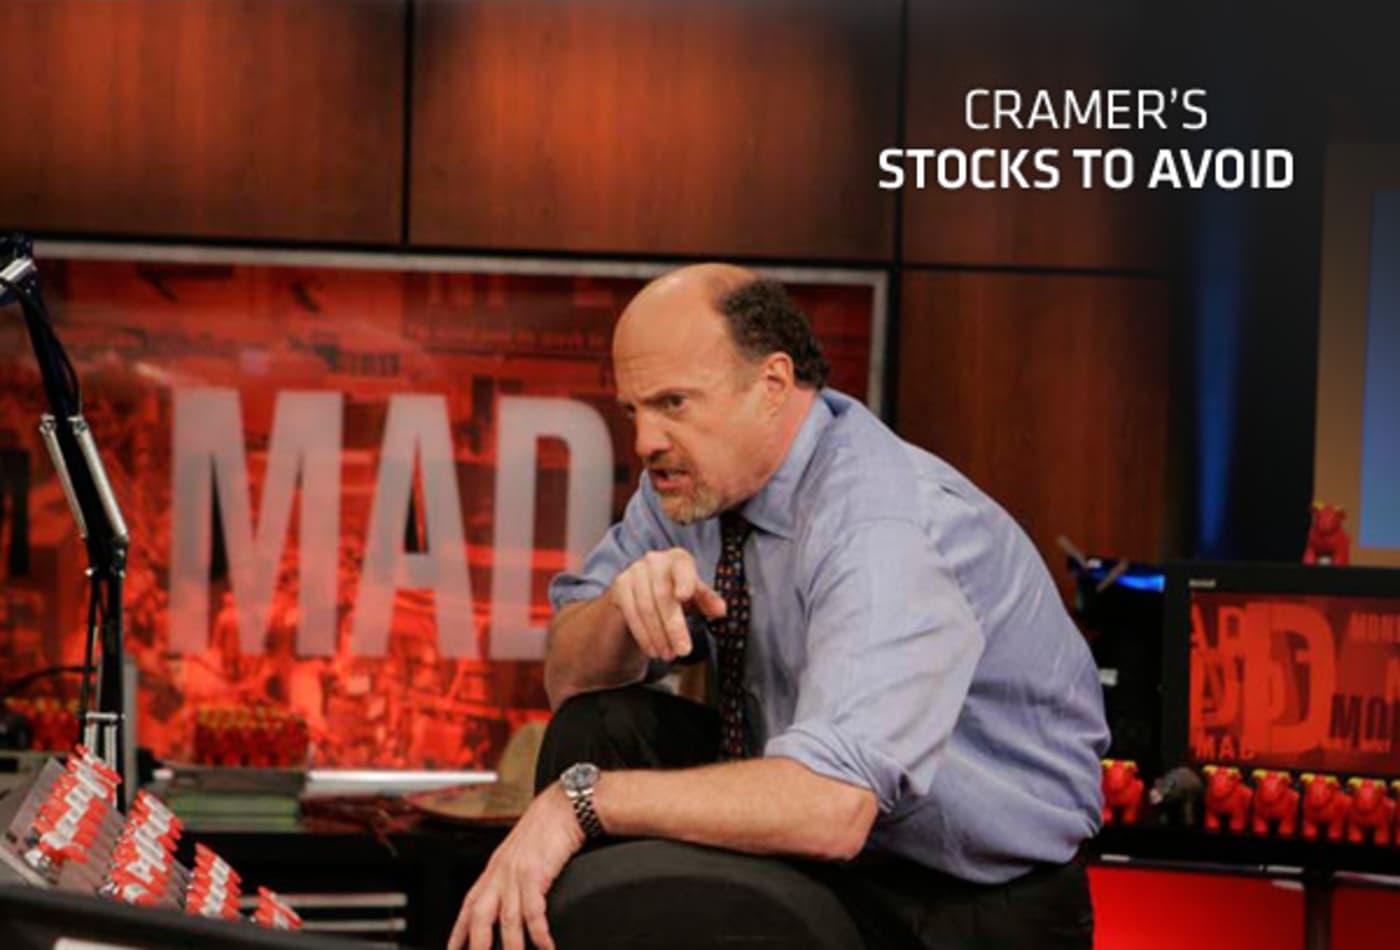 cramer-stocks-to-avoid-cover.jpg